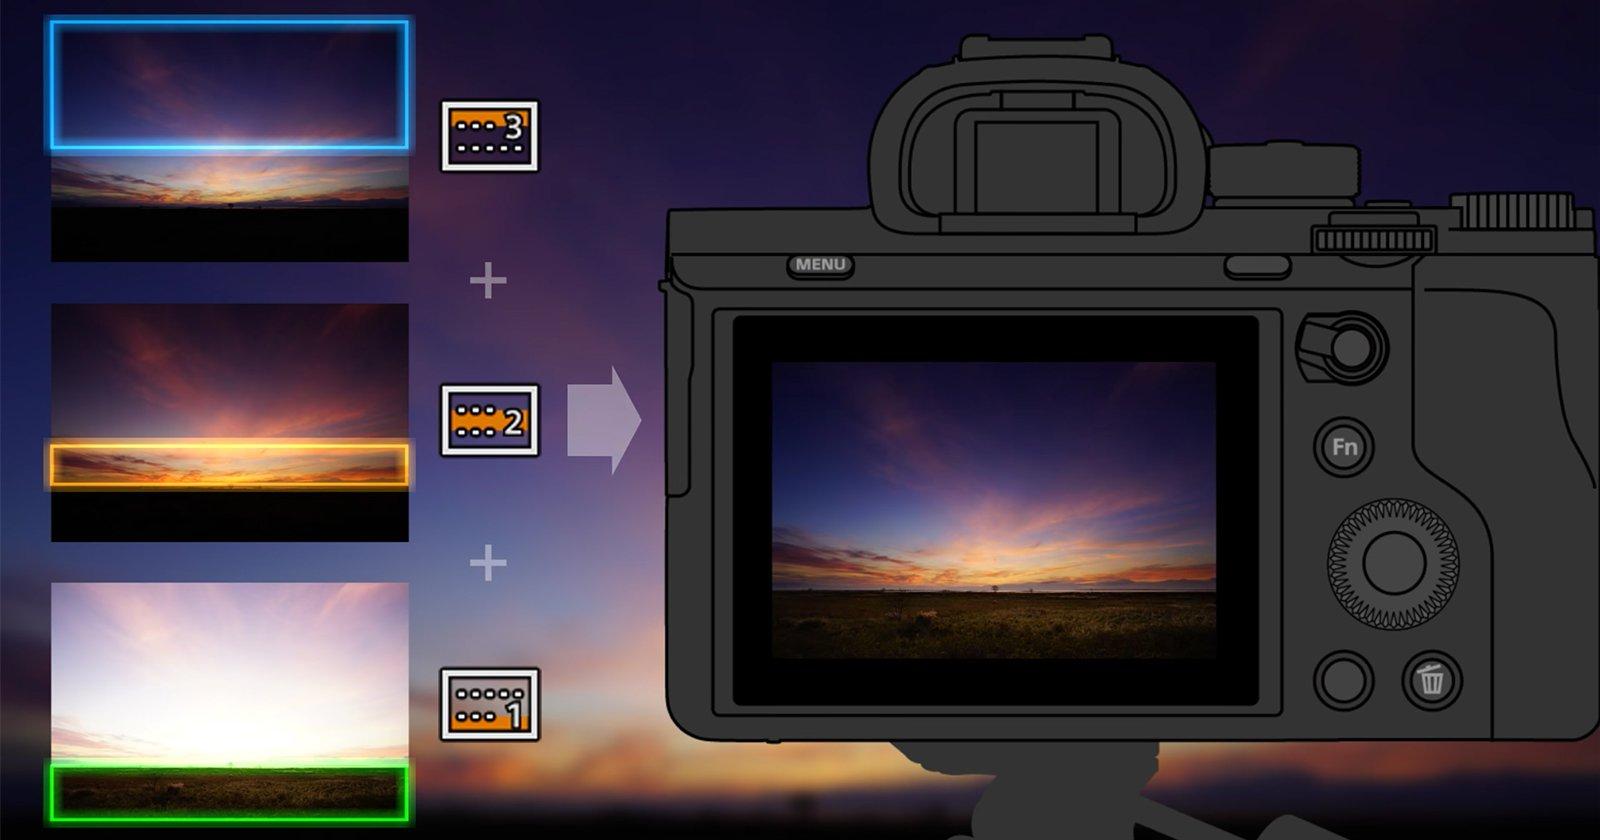 Компания Sony выпустило новое интересное приложение для своих беззеркальных и топовых компактных камер